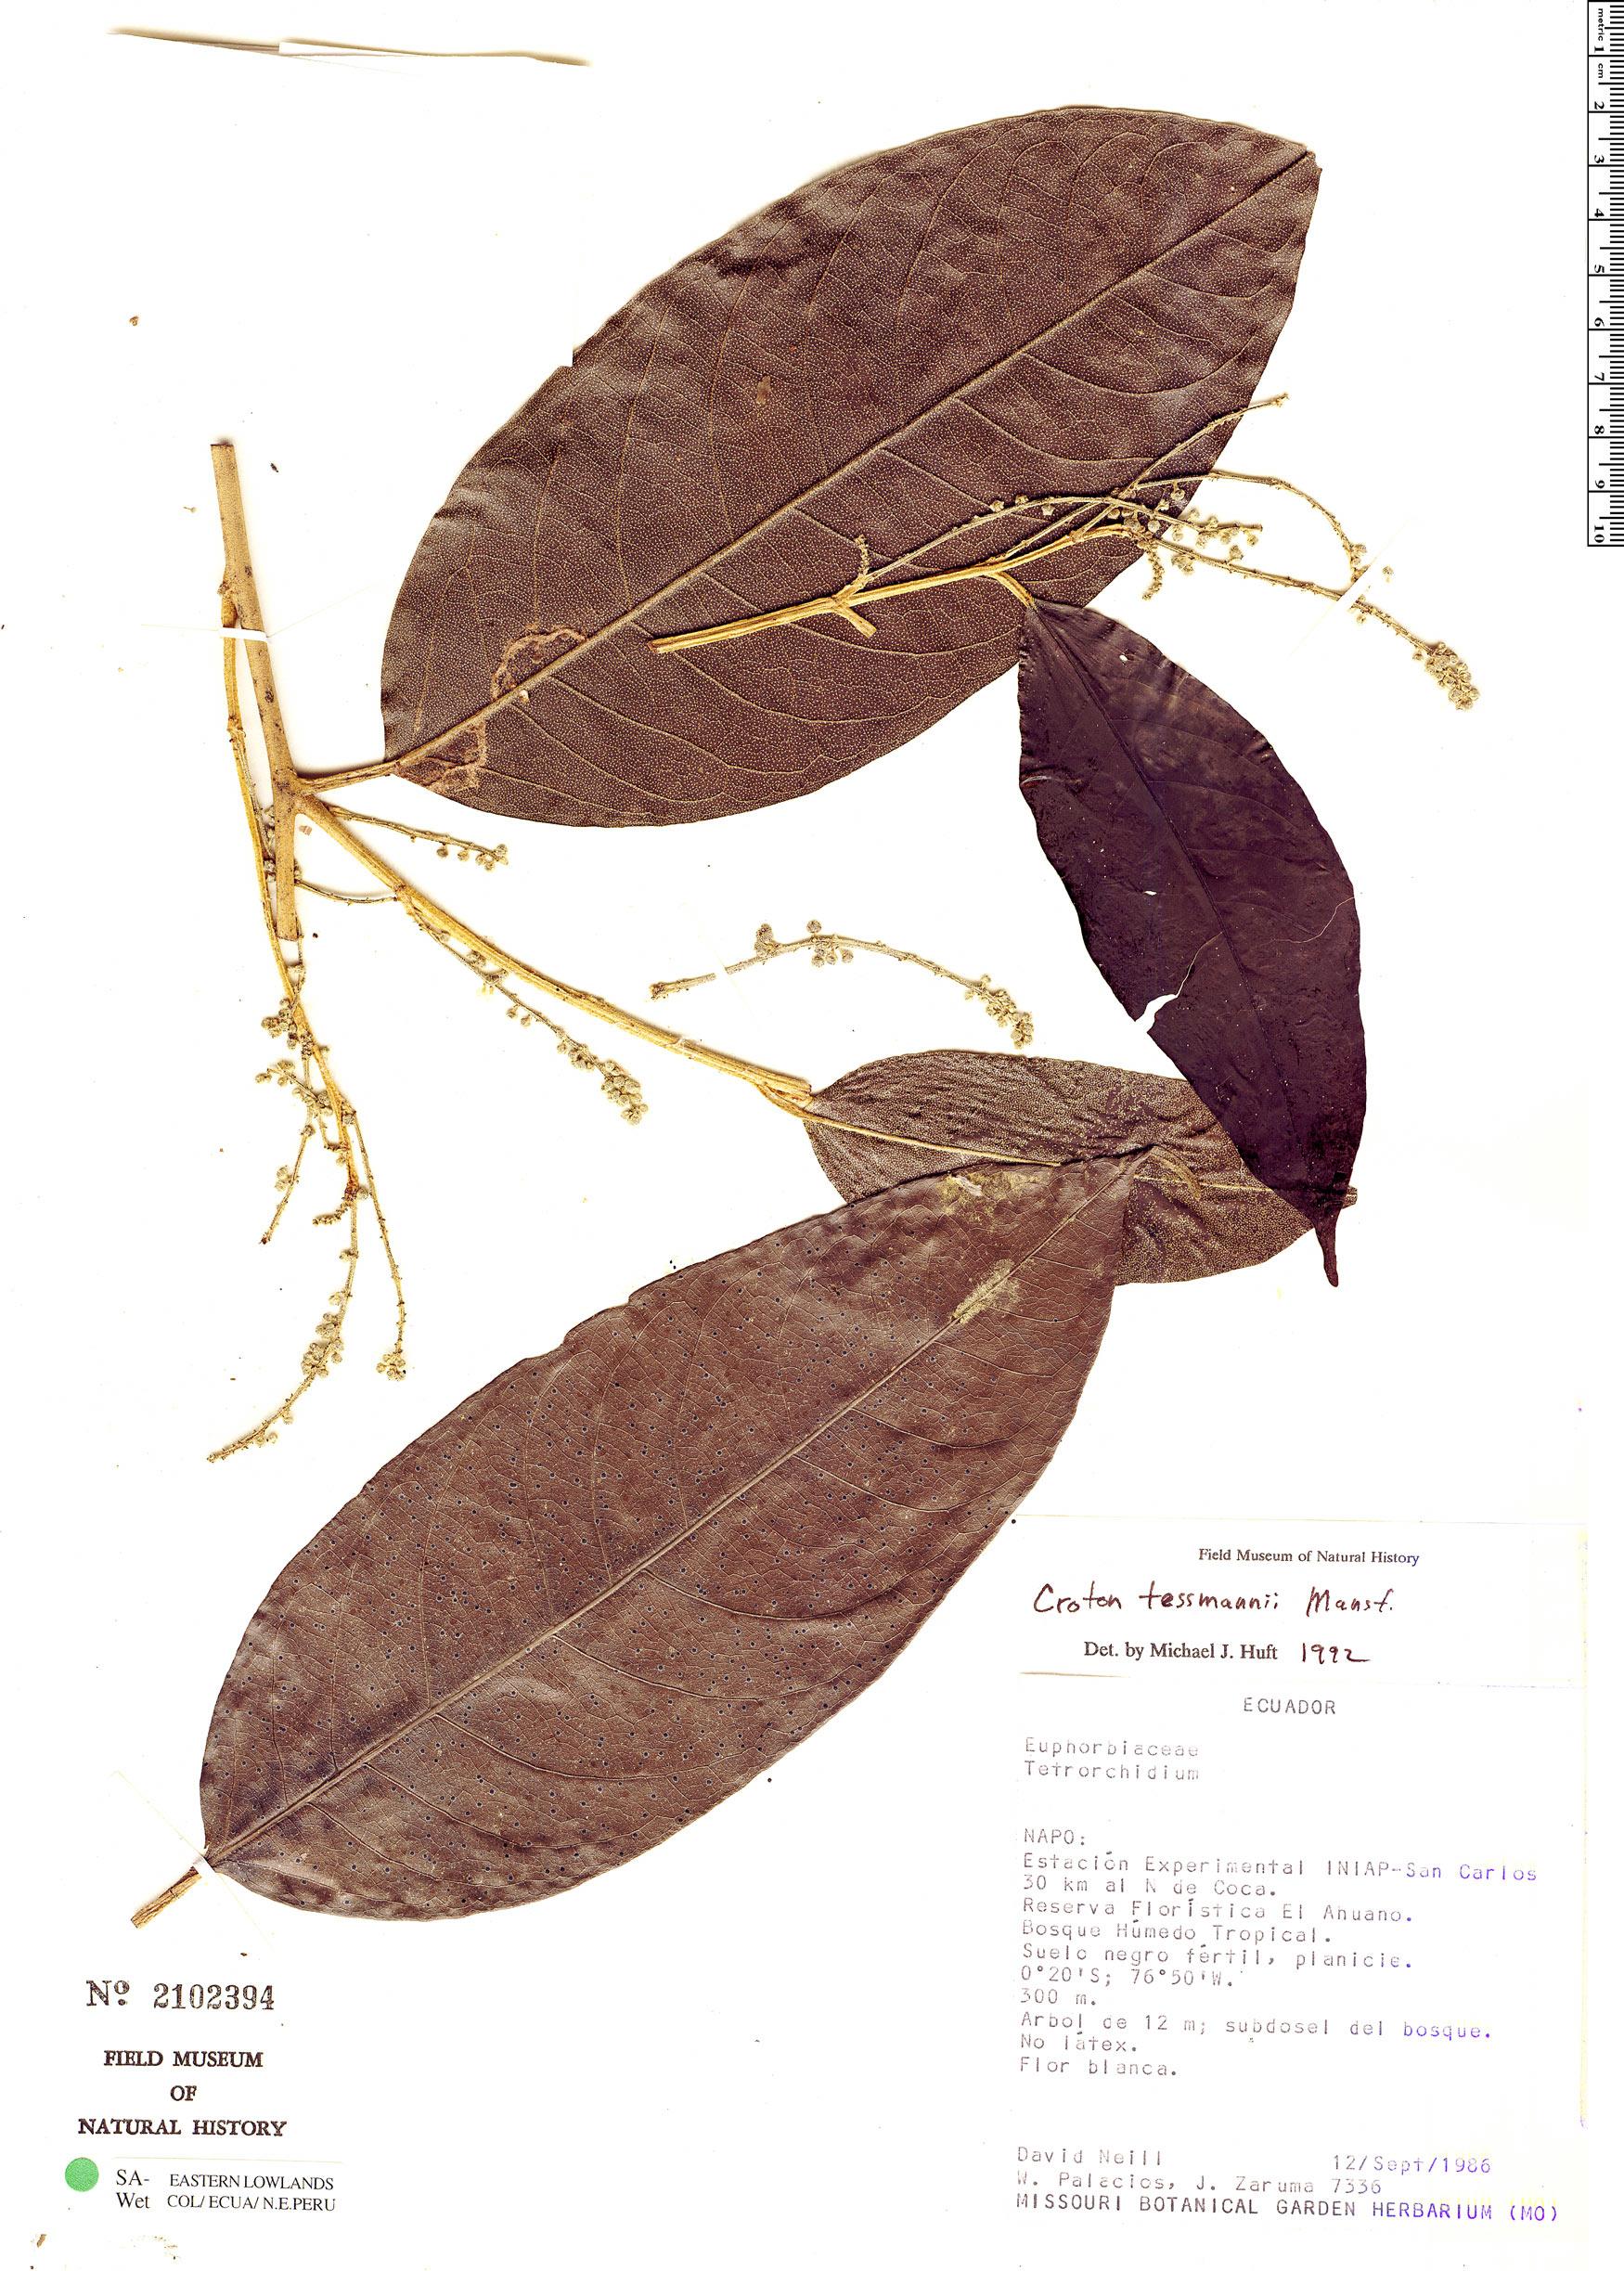 Specimen: Croton pachypodus